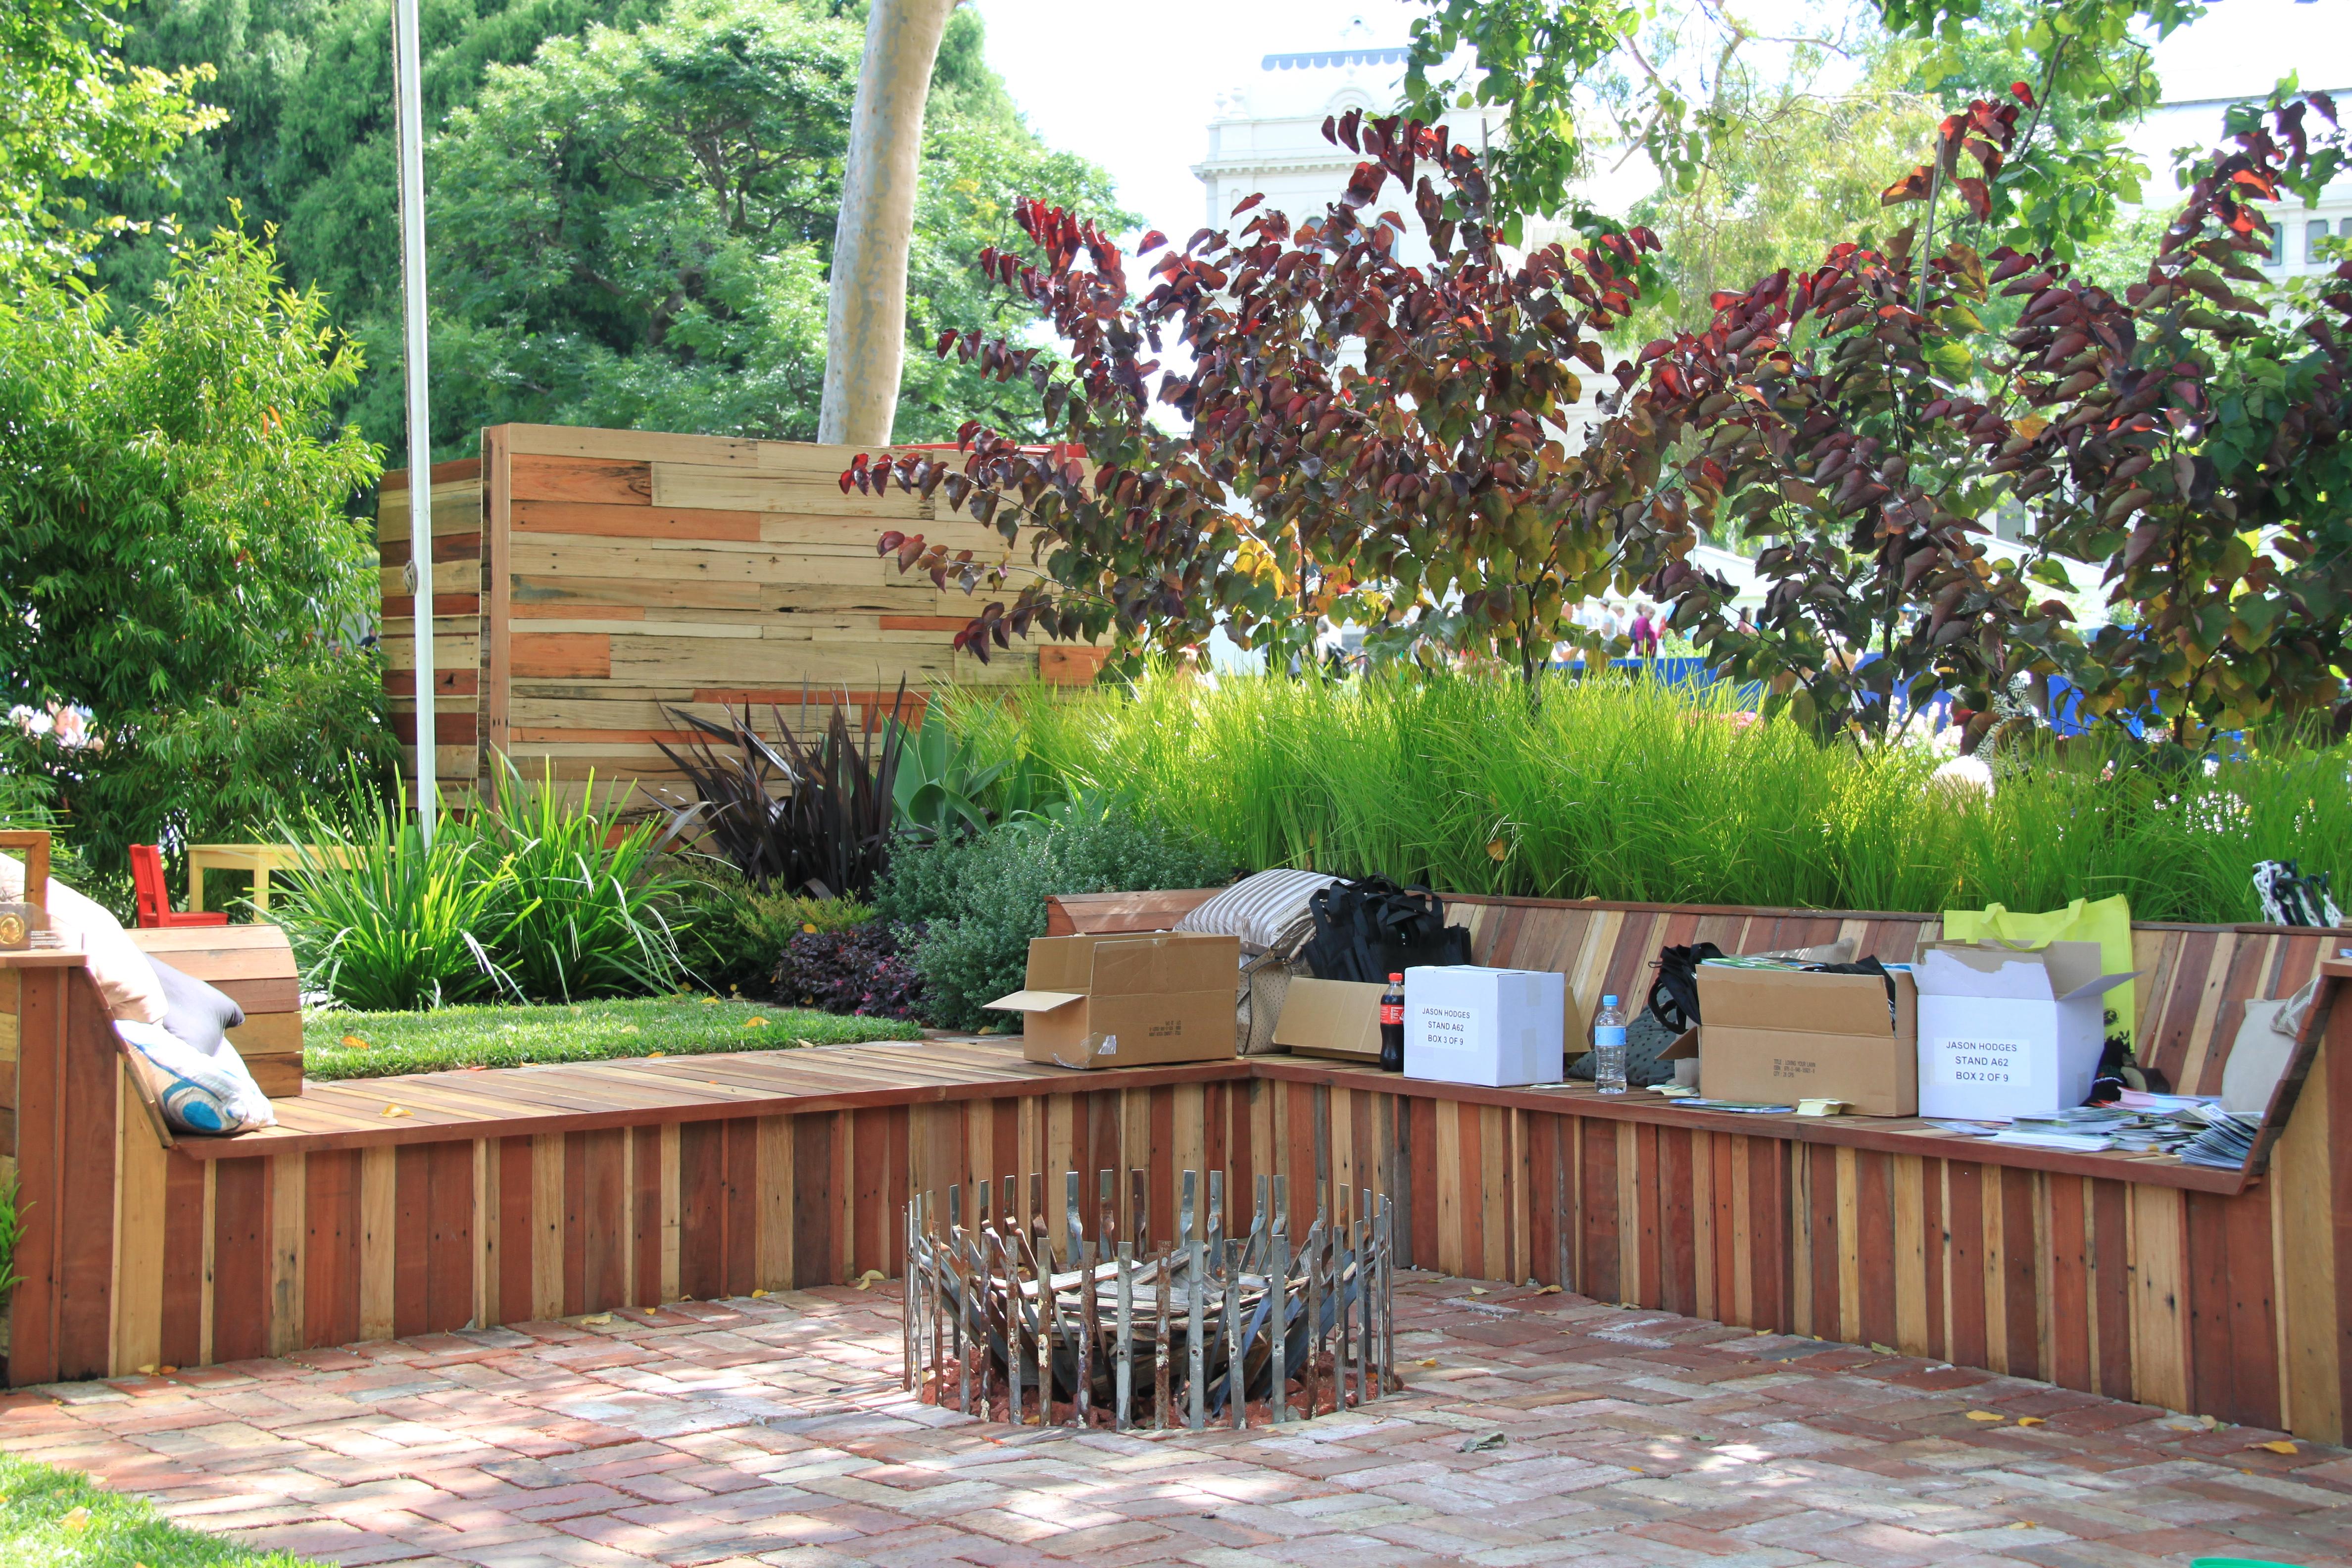 Melbourne garden show 2012 janna schreier garden design for Garden designs melbourne